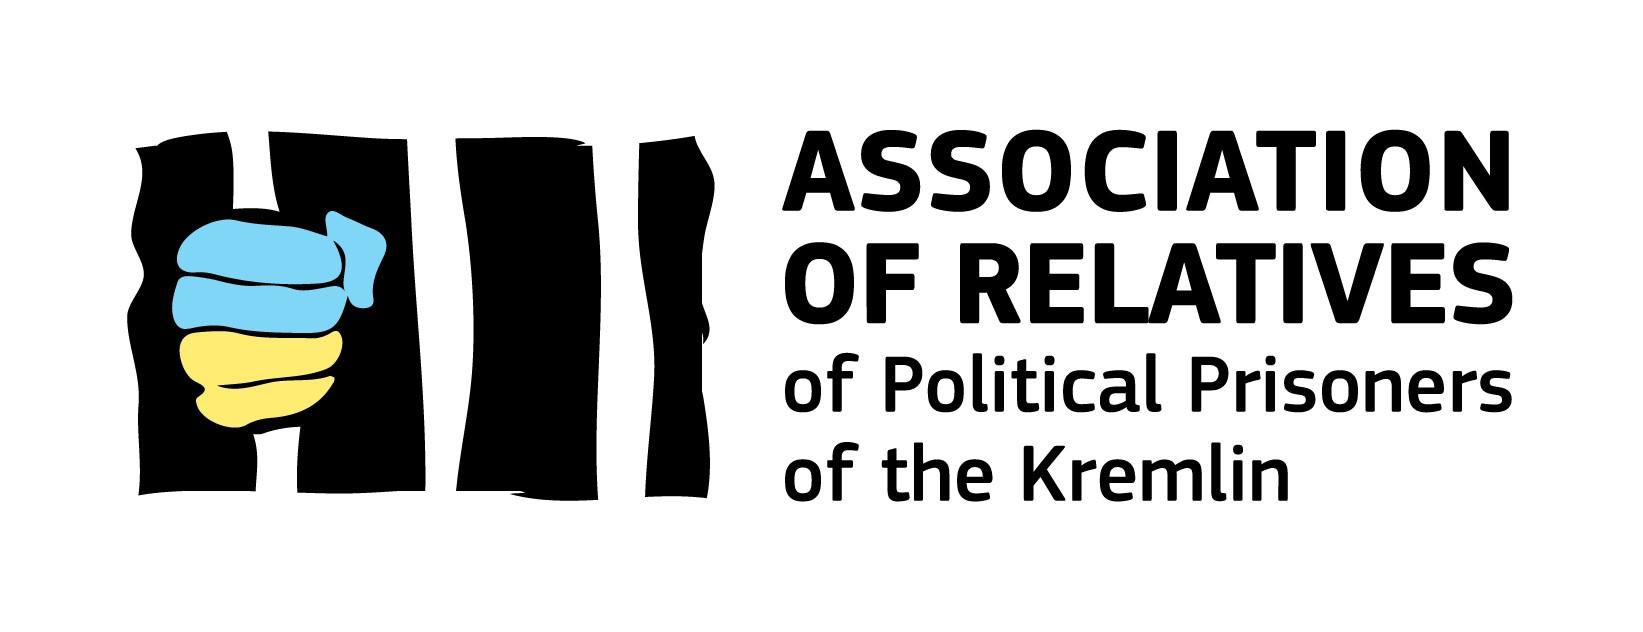 Клімкін передав Генсеку ООН відкритий лист від родичів політв'язнів Кремля та правозахисників